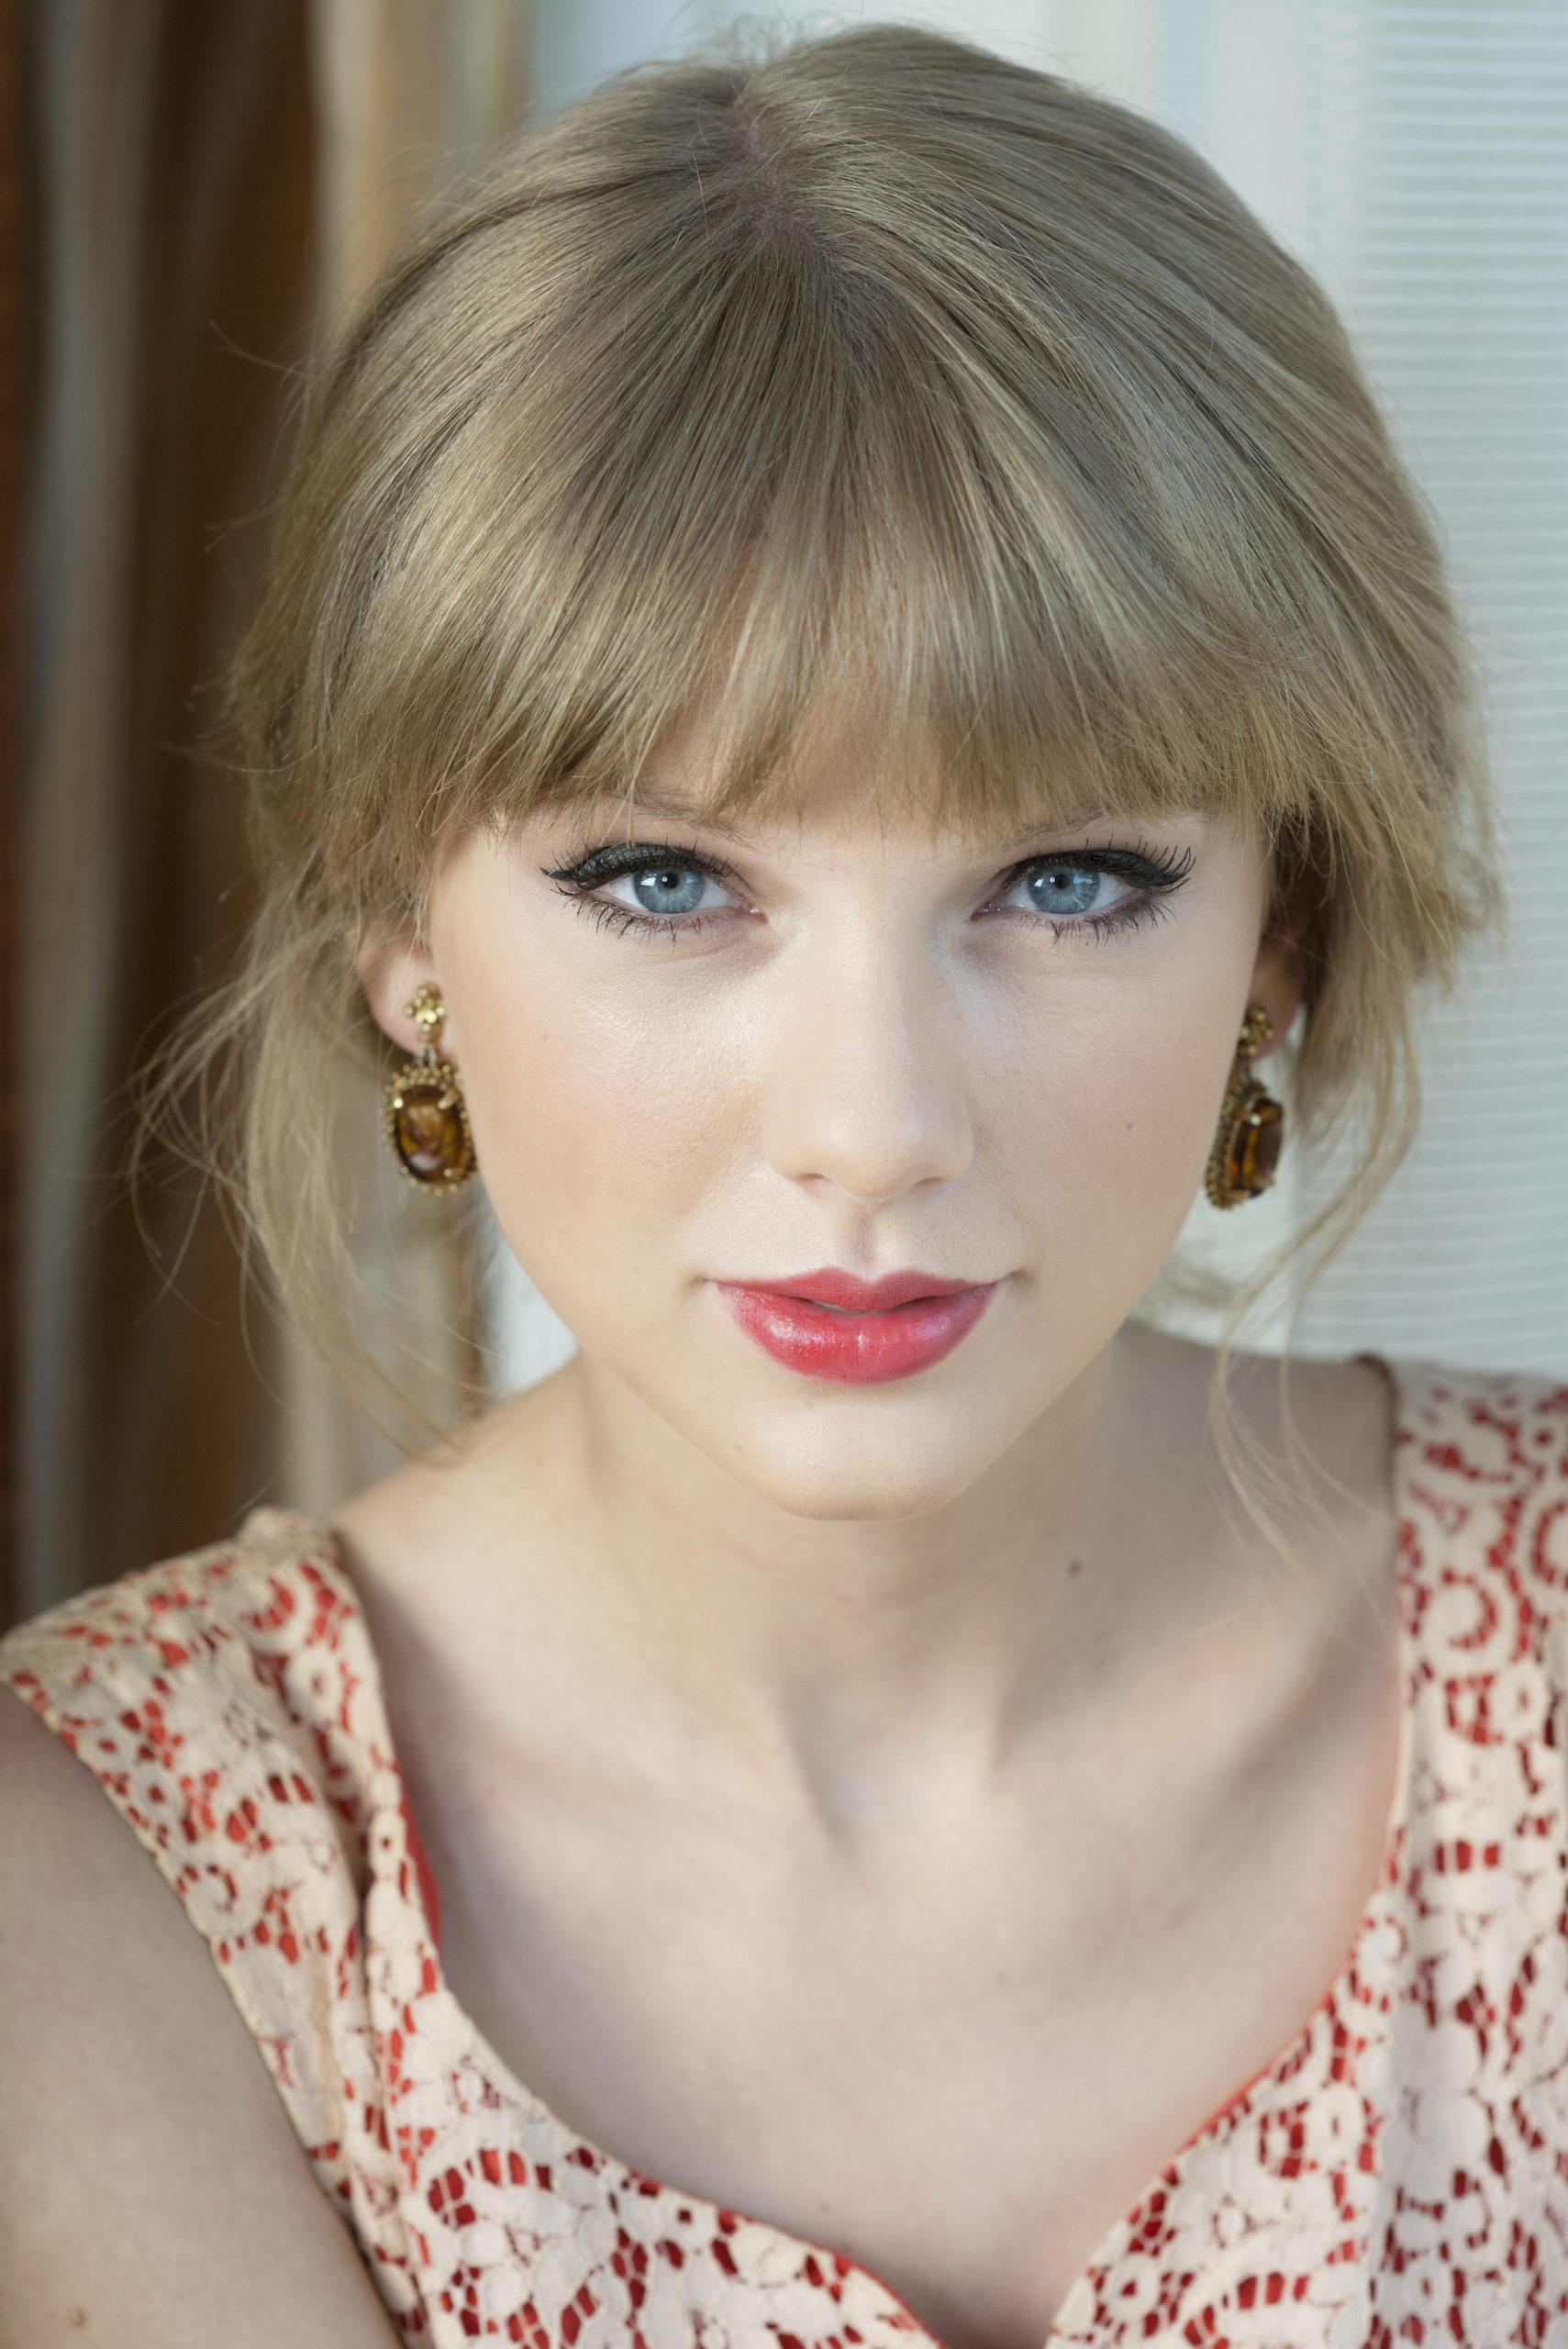 9 знаменитостей, которые щедры к фанатам